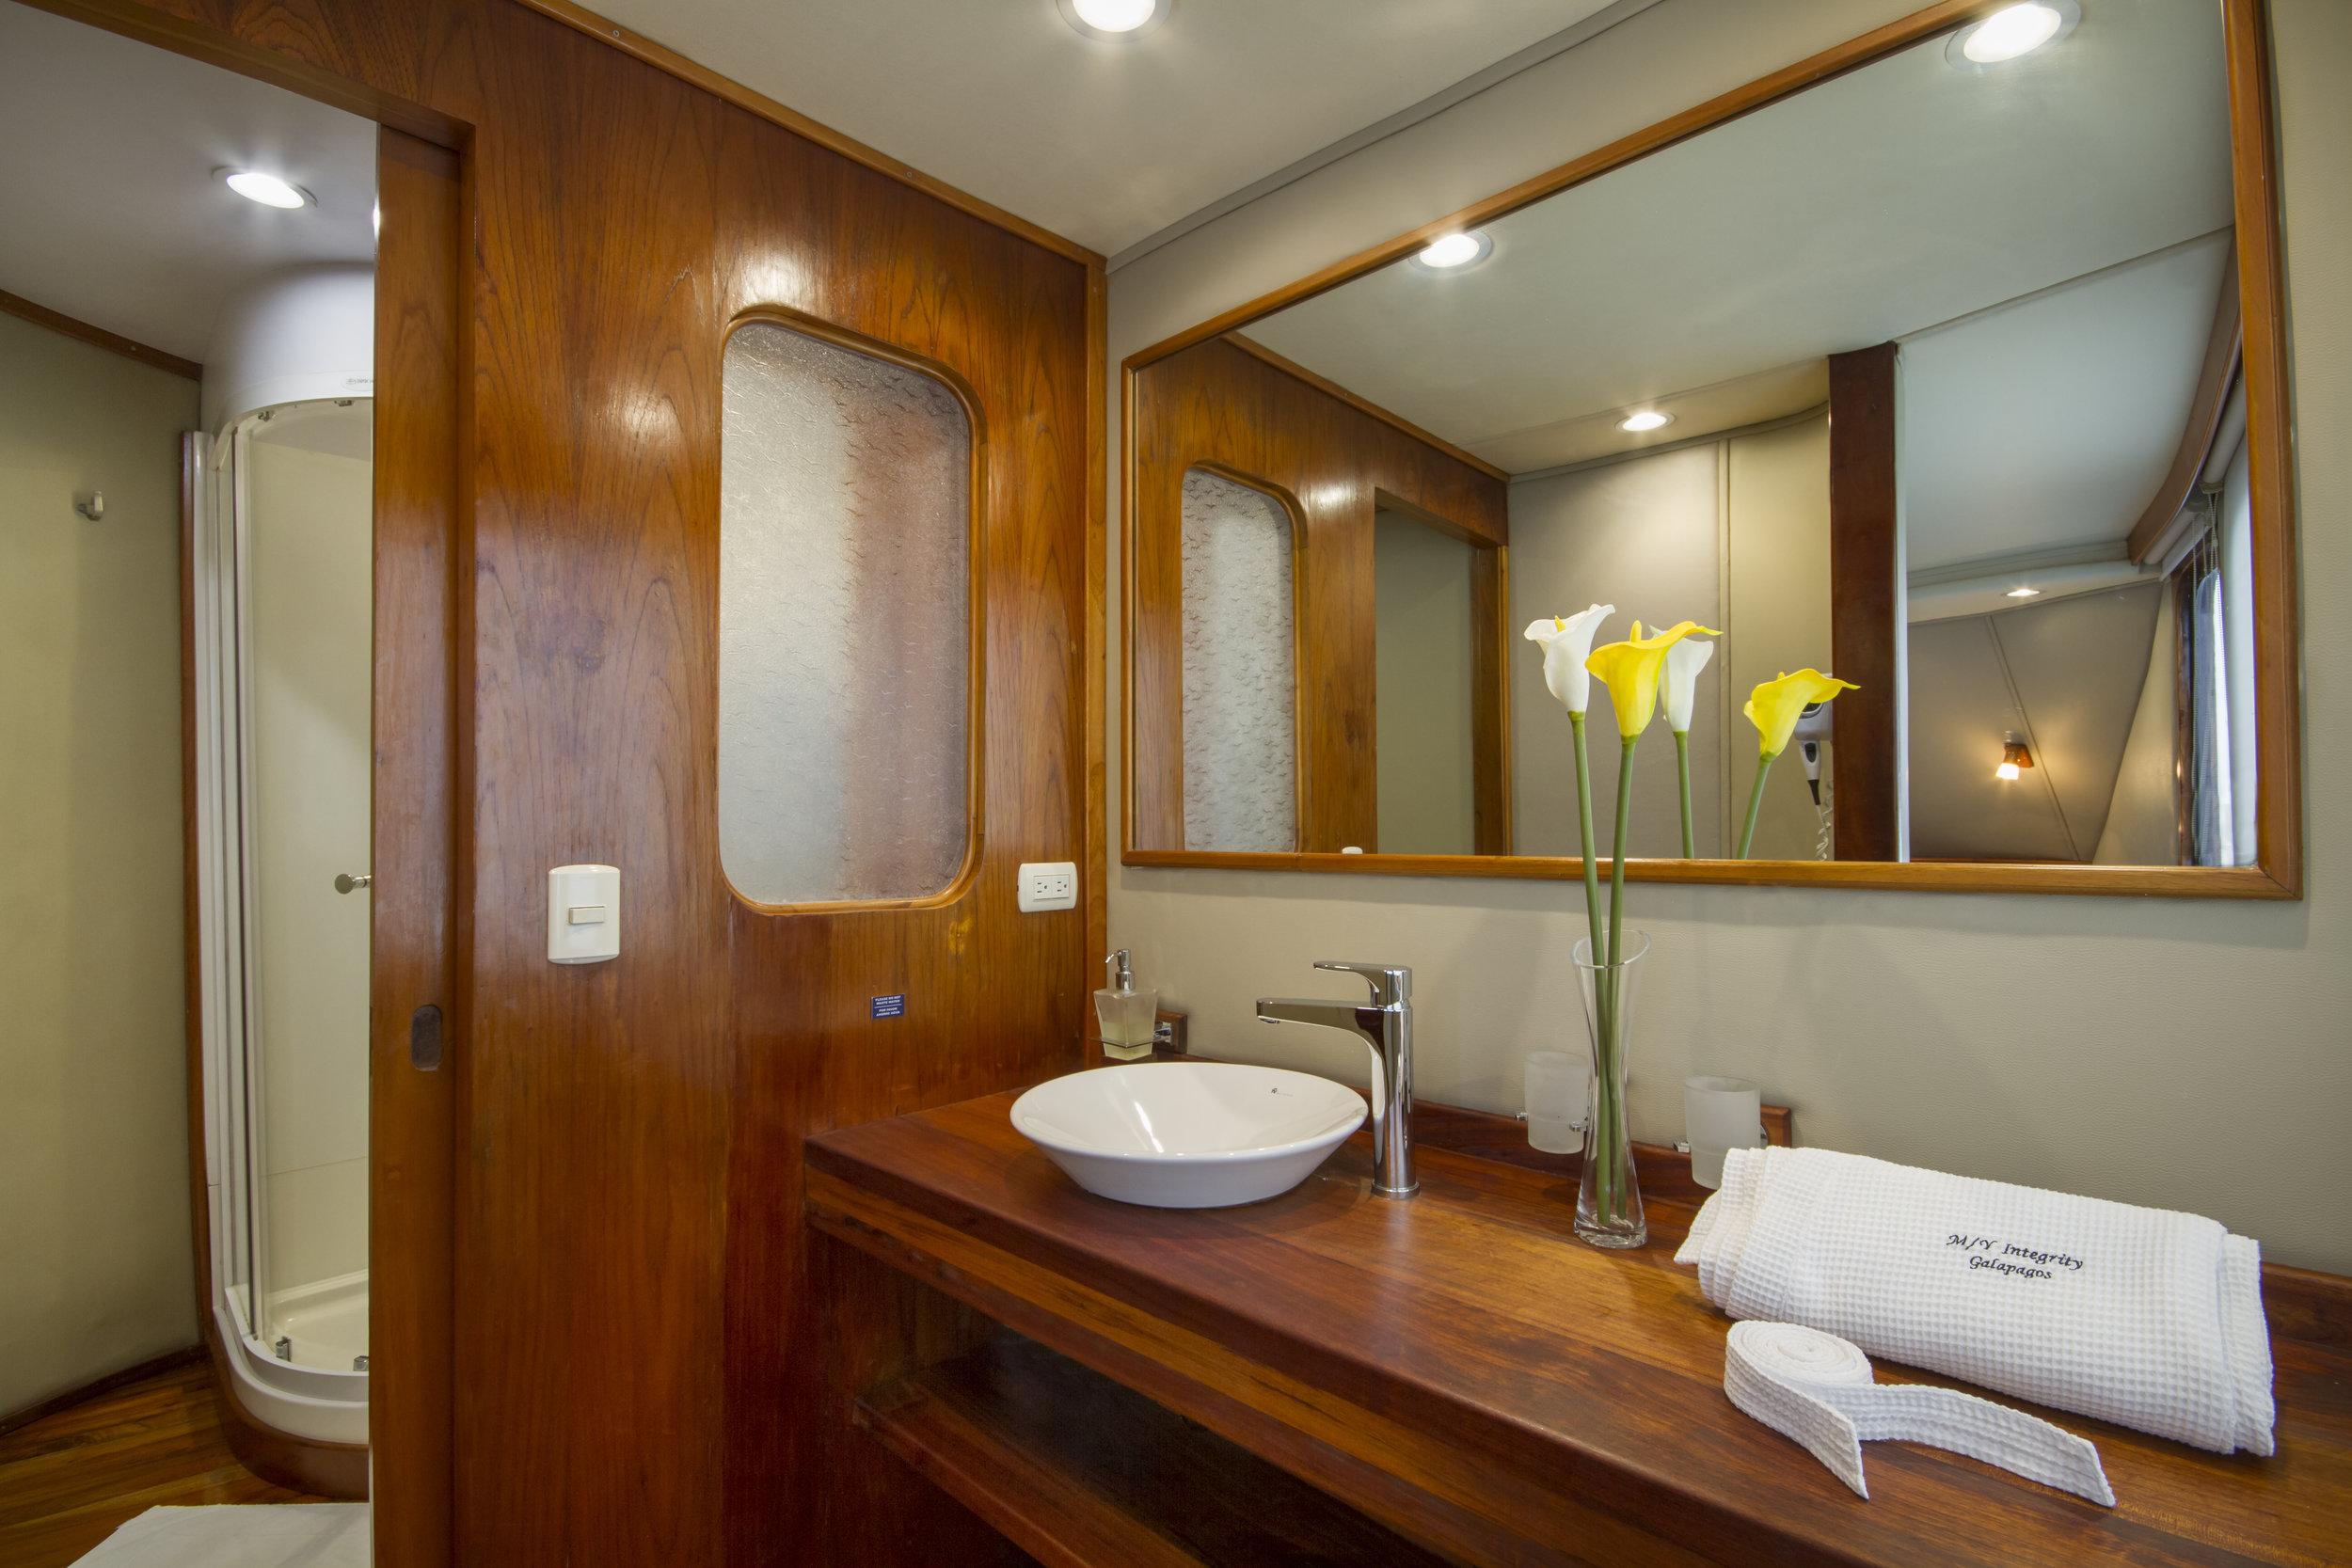 Stateroom 01 Owner's Suite bathroom.jpg